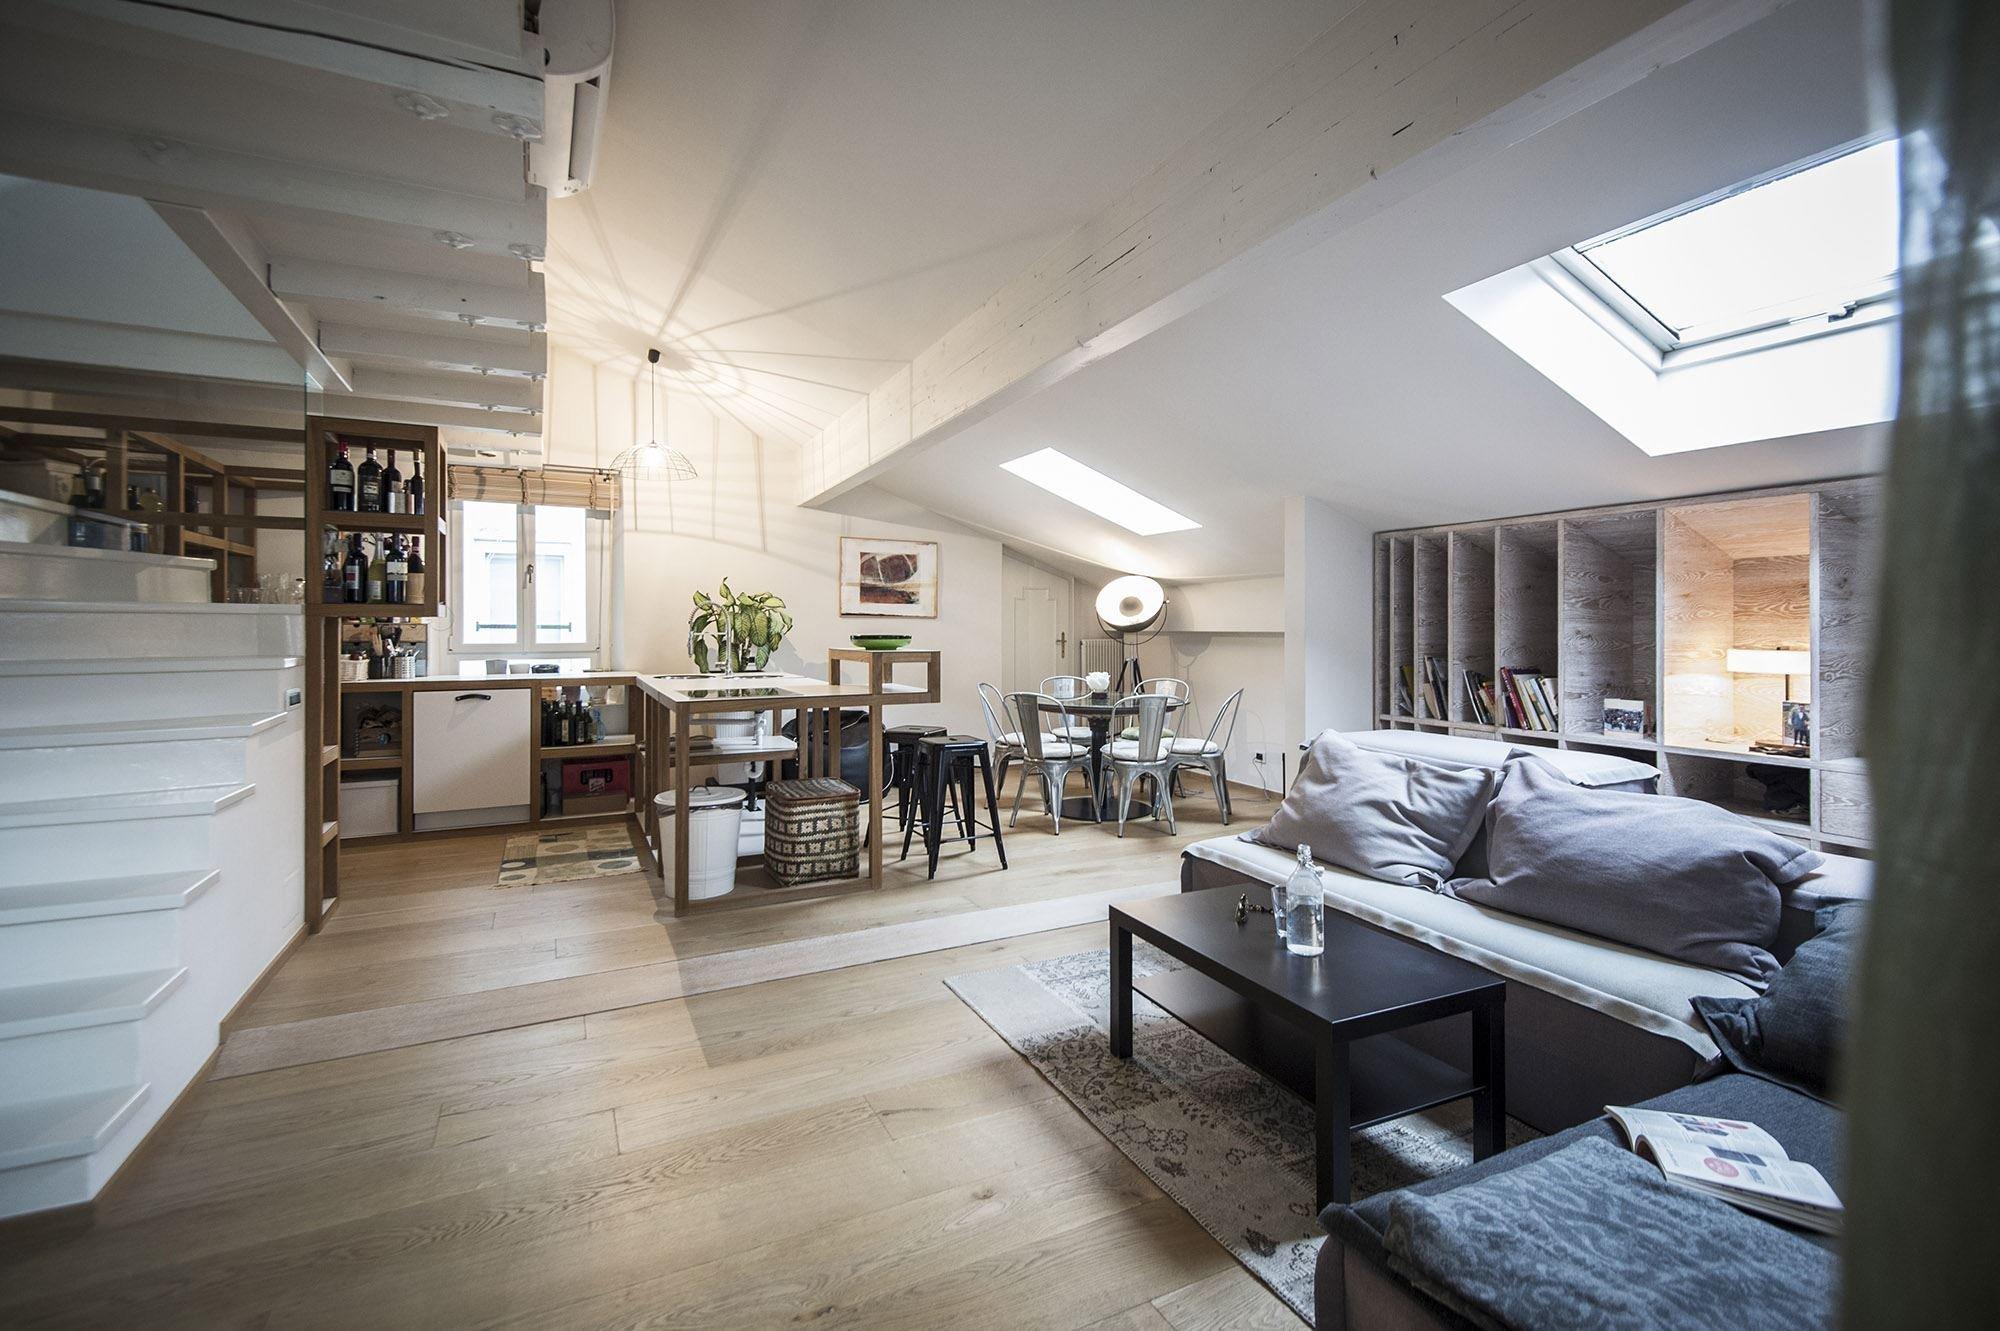 Když architekt Lukas Rungger objevil částečně zanedbaný byt, který se nachází v nejvyšším patře historického domu v italském městě Bolzano, věděl, že našel prostor s velkým potenciálem. Proto neváhal, a proměnil jej do jeho současné podoby, která odpovídá všem požadavkům pro spokojené bydlení.